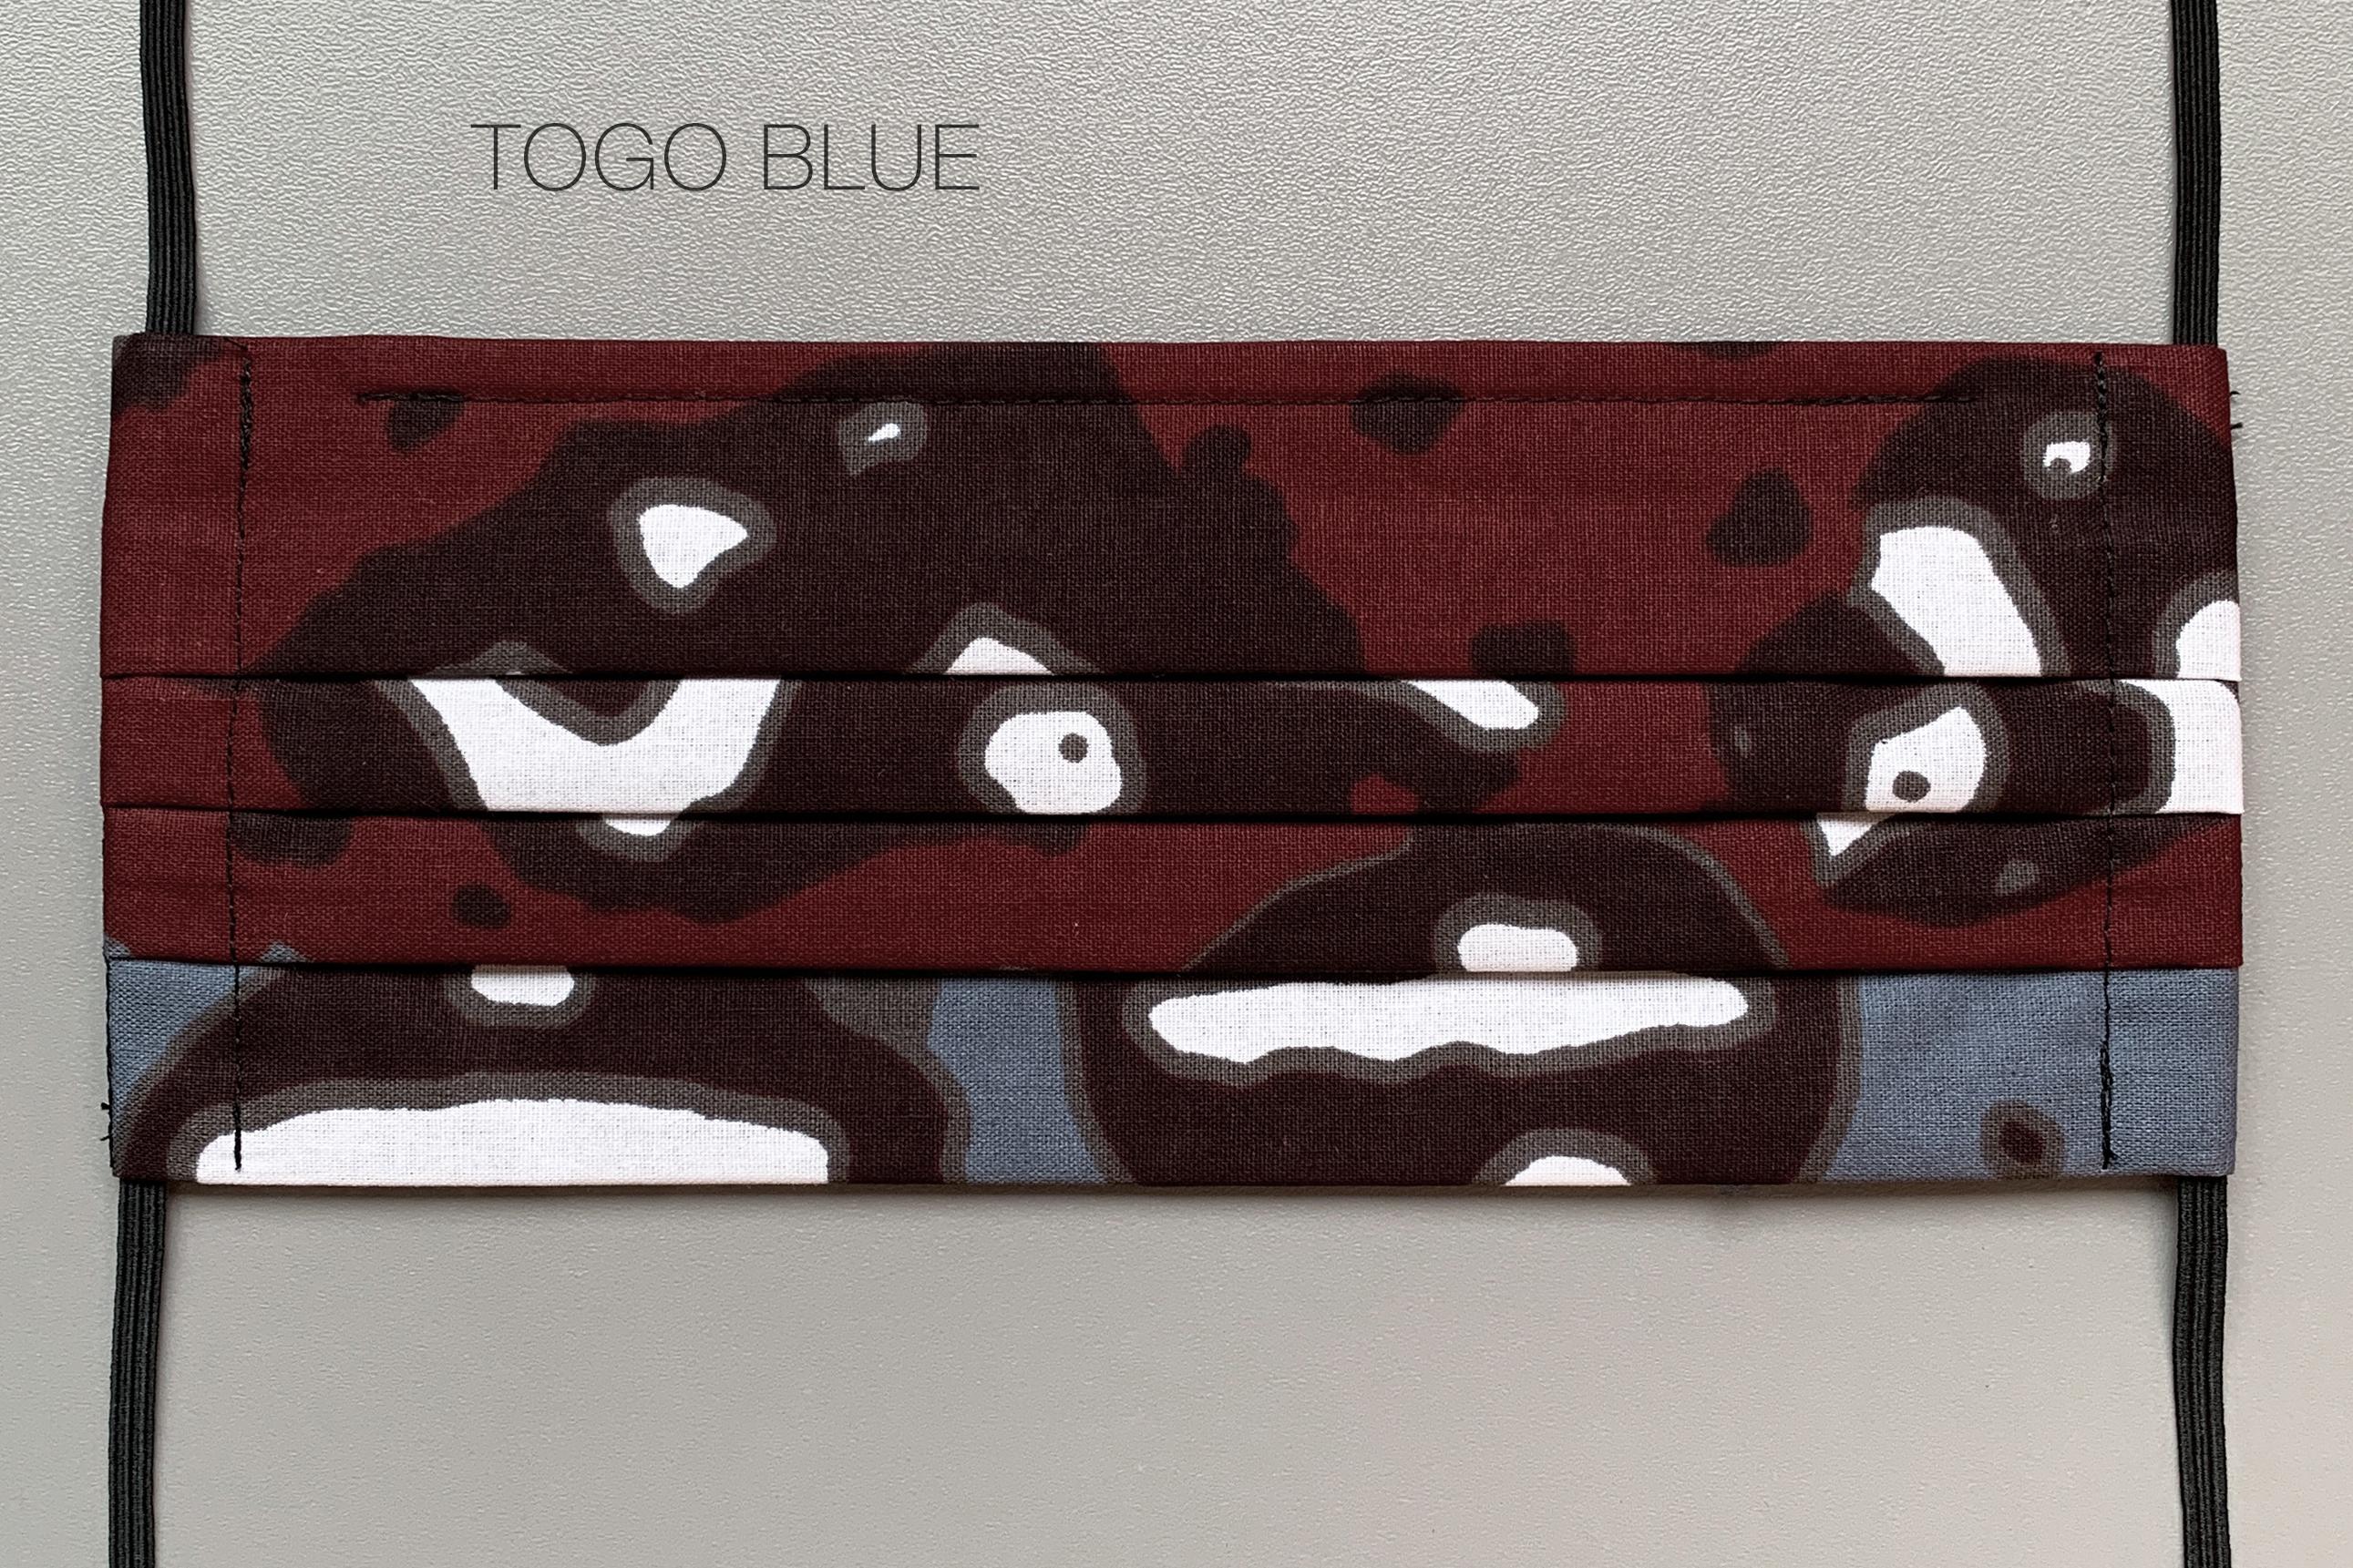 Togo Blue